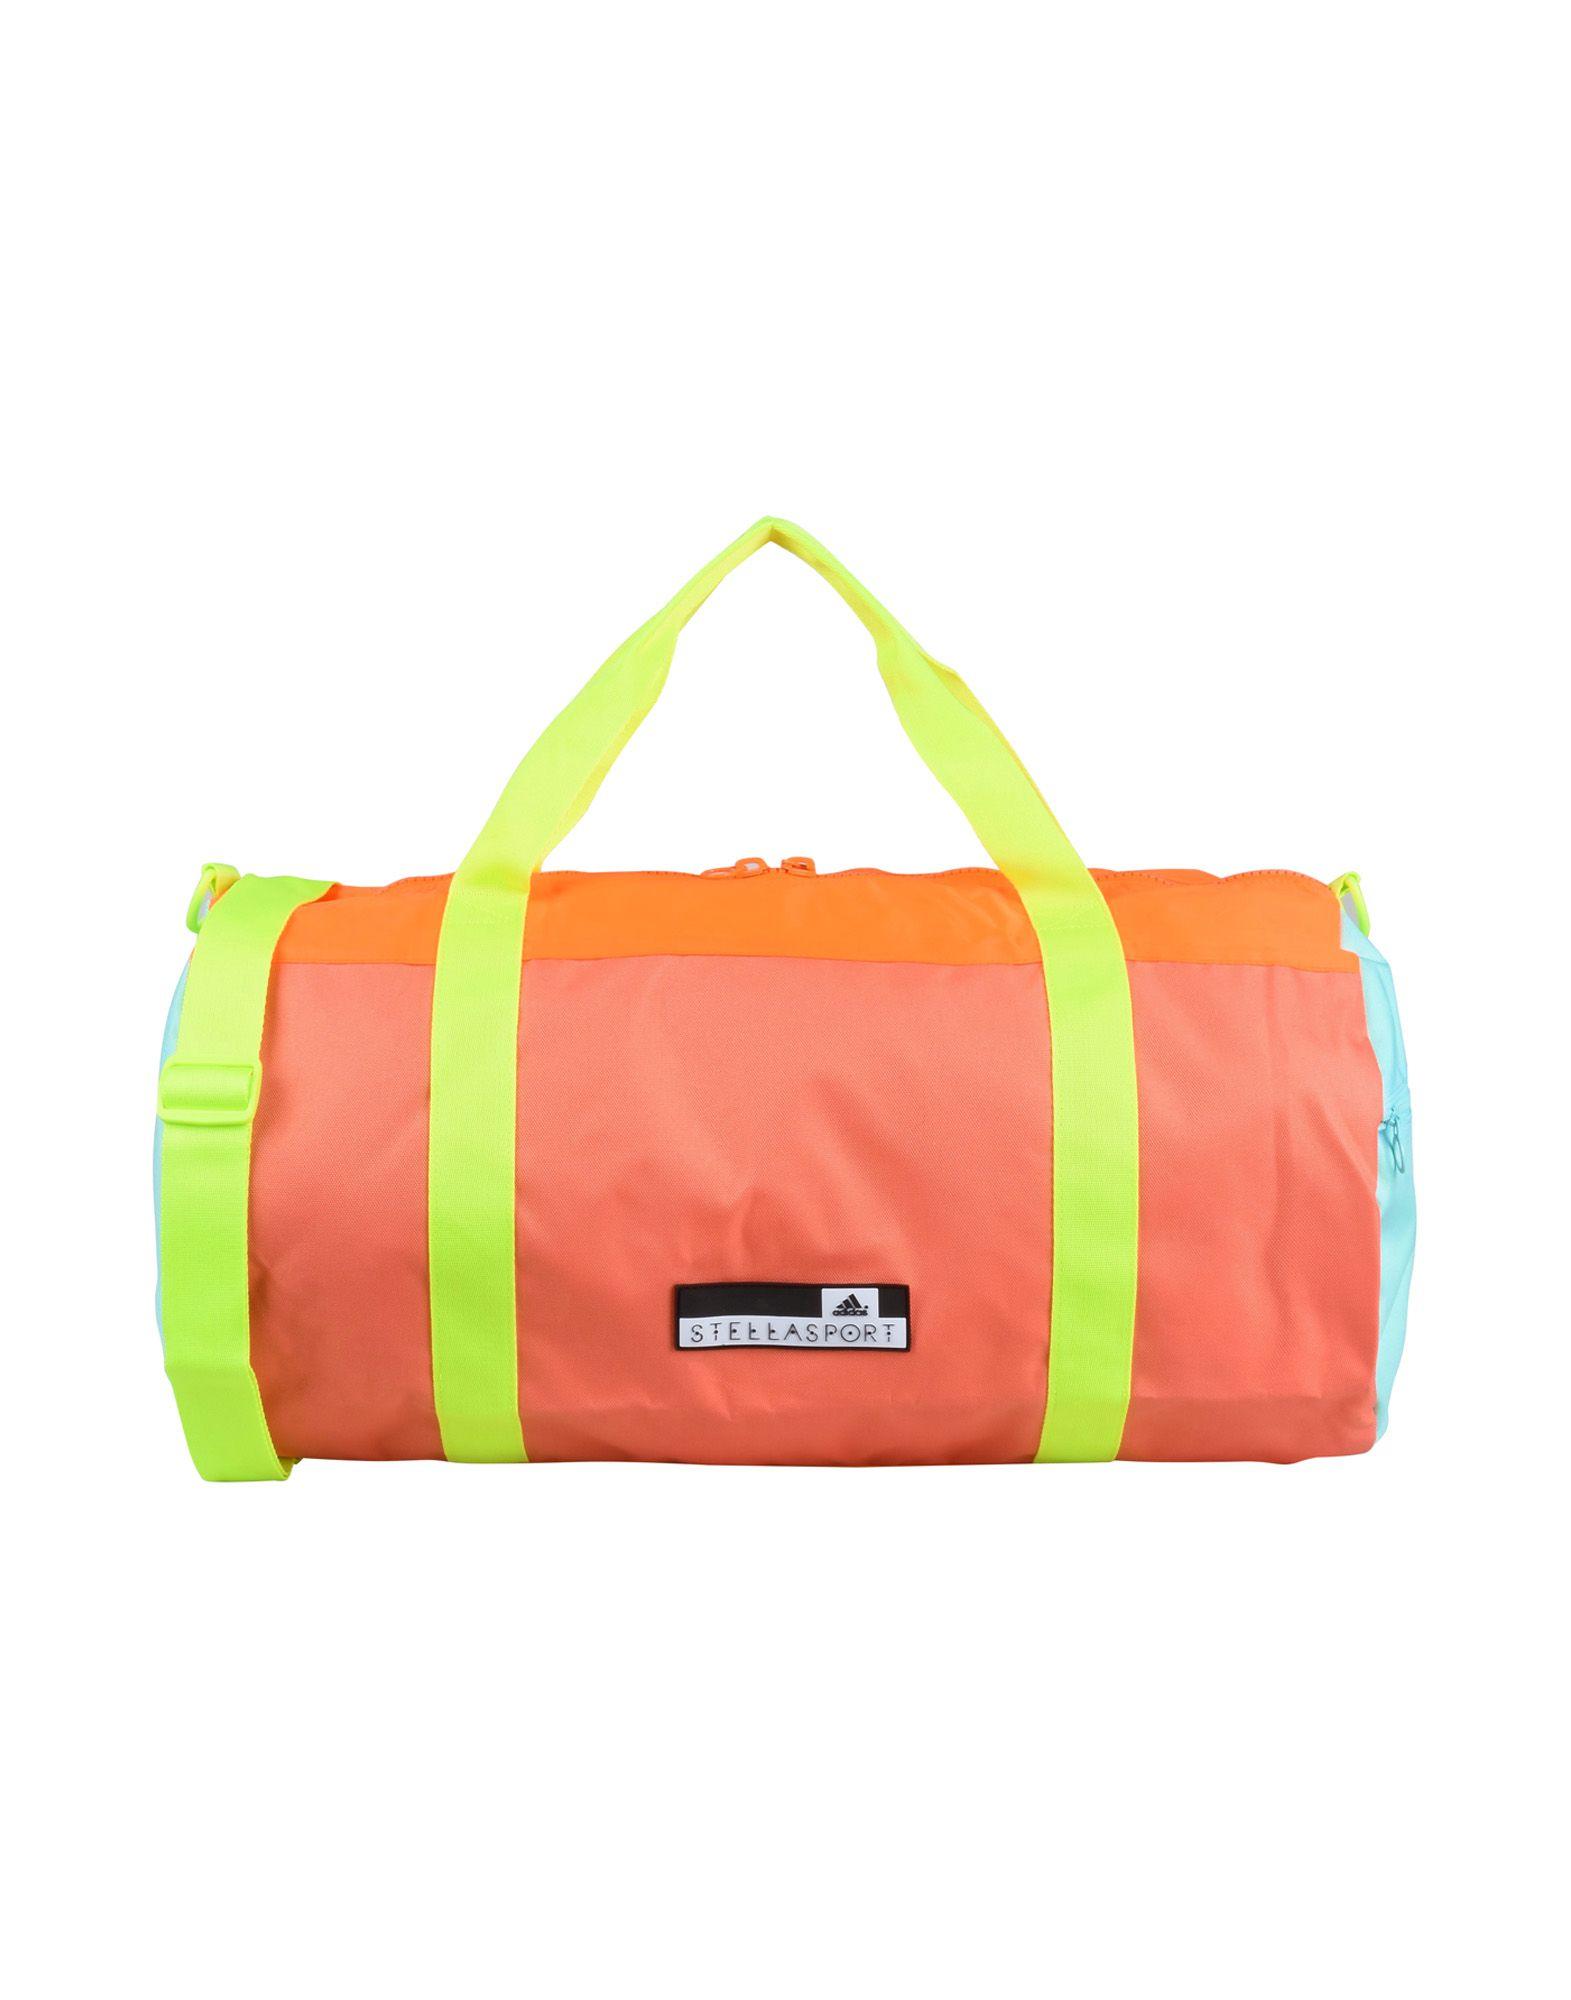 ADIDAS STELLA SPORT Дорожная сумка воланы для бадминтона adidas d training 79 перо быстрая скорость